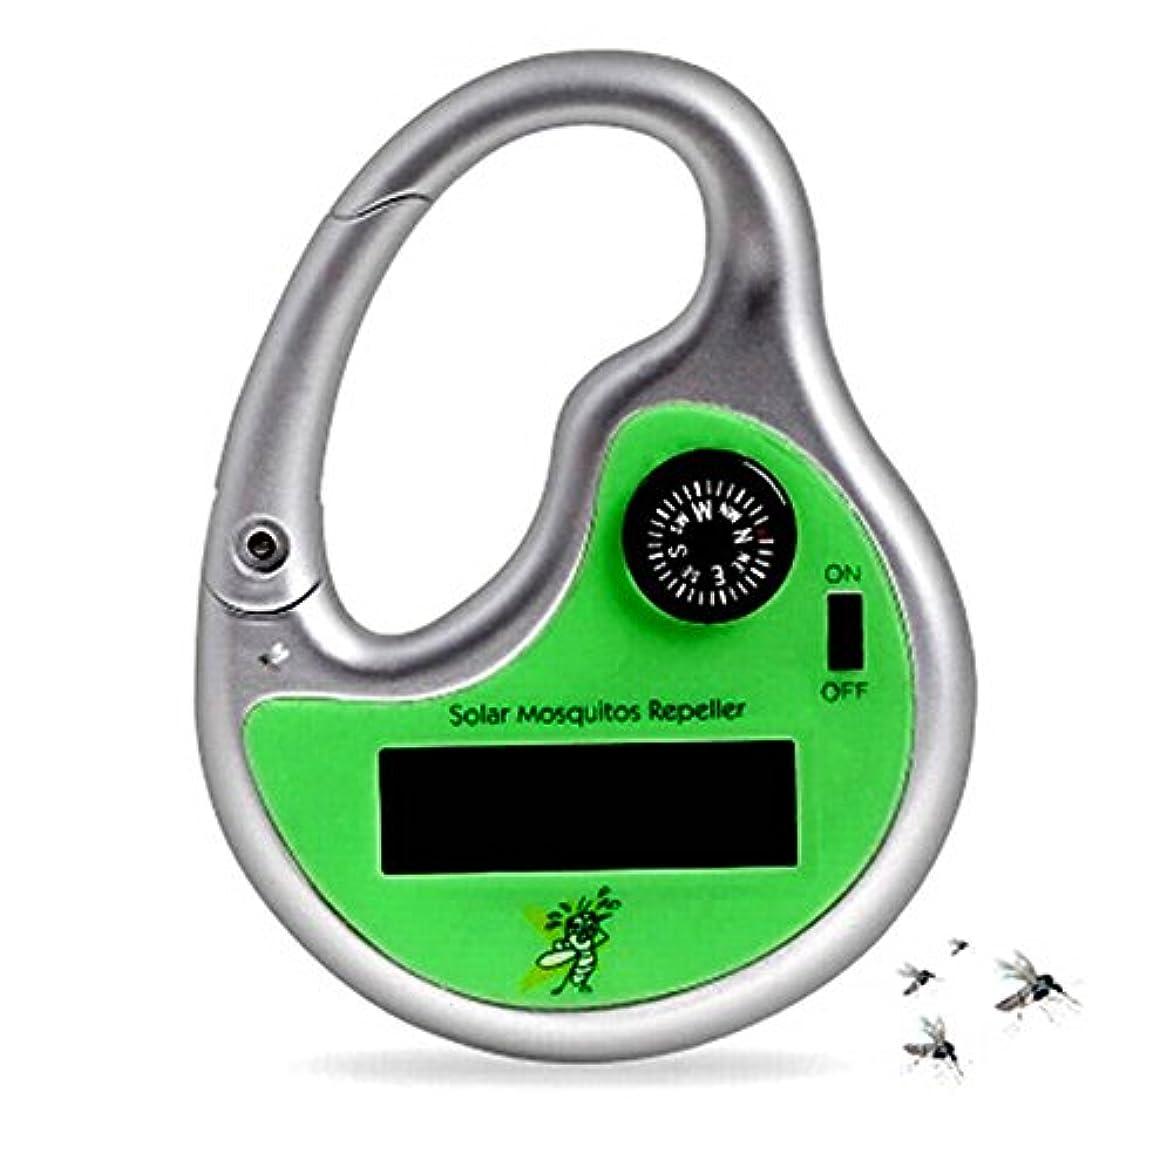 水典型的な失望させるPlutoury 蚊取り器 ソーラー式 モバイルポータブル 20ー50平方メートル有効 超音波害虫駆除器 羅針盤機能付き 蚊除け アウトドア用